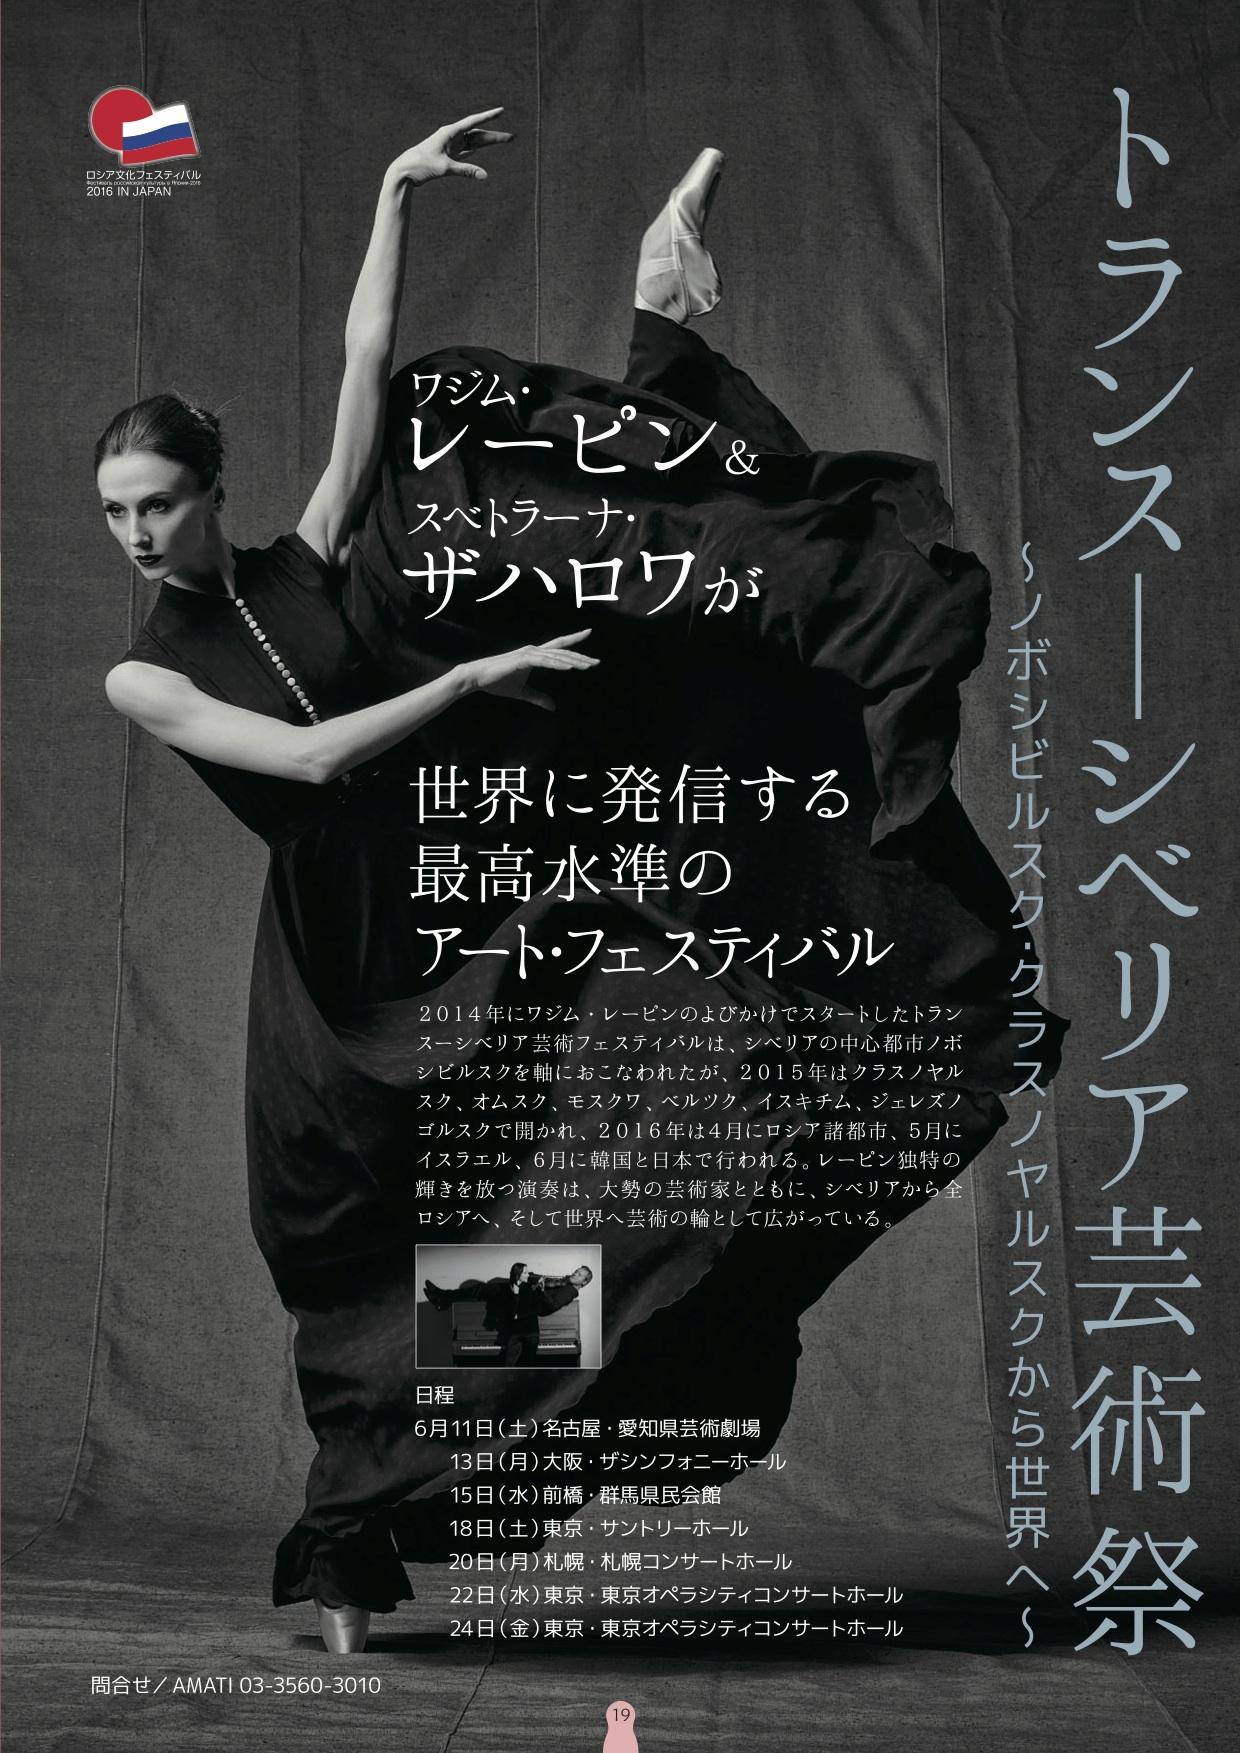 レーピンさん ザハーロワさんの公演のポスター